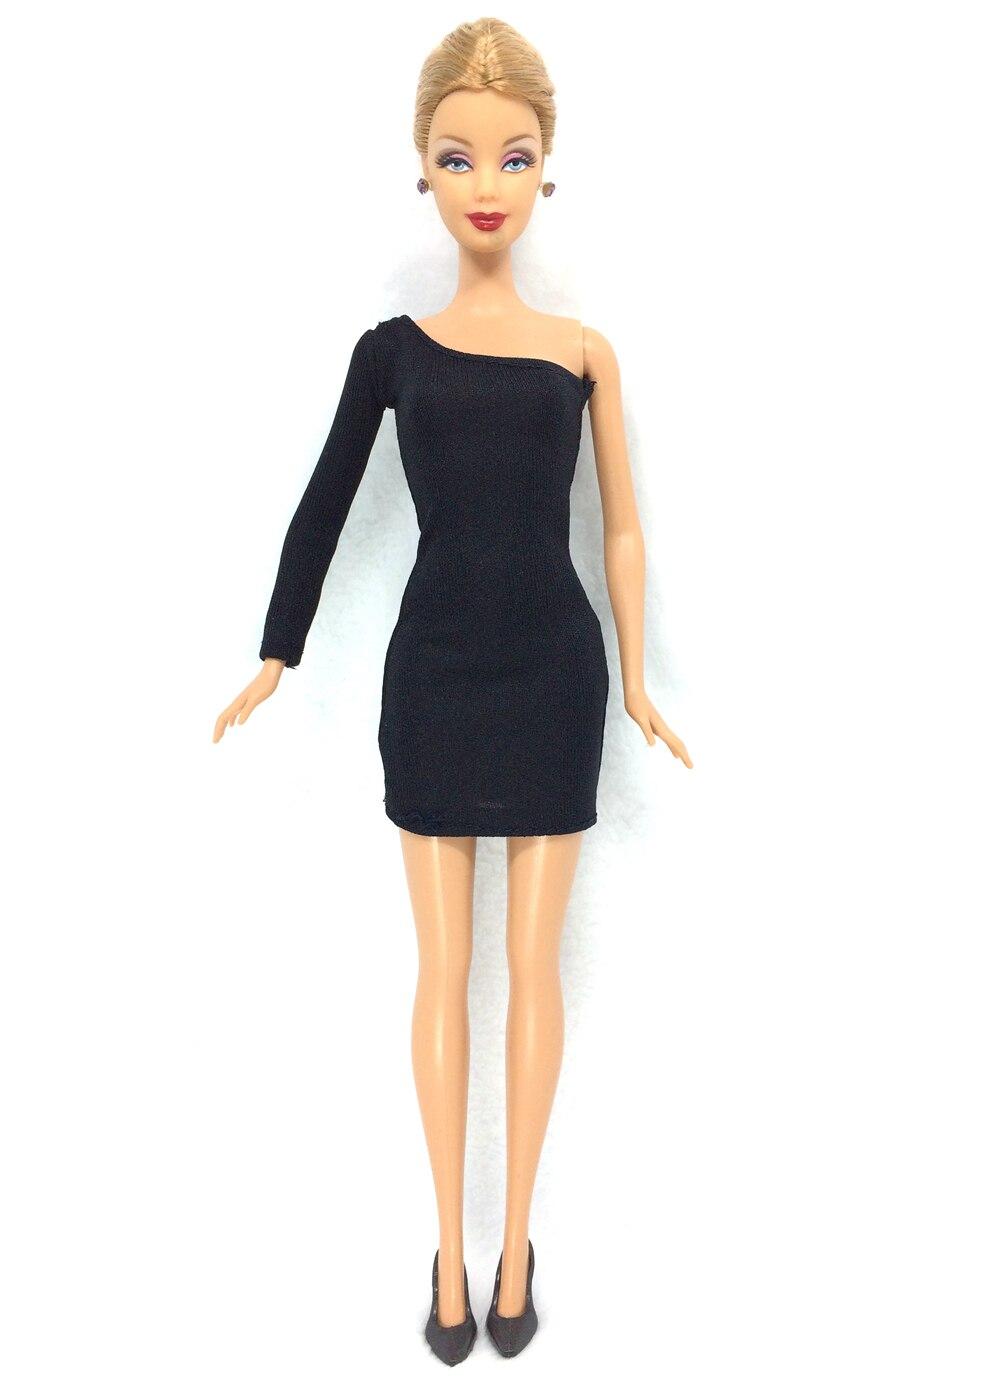 NK 12 gjenstander = 6 svarte kjoler + 6 svarte hæler dukke mote - Dukker og tilbehør - Bilde 5